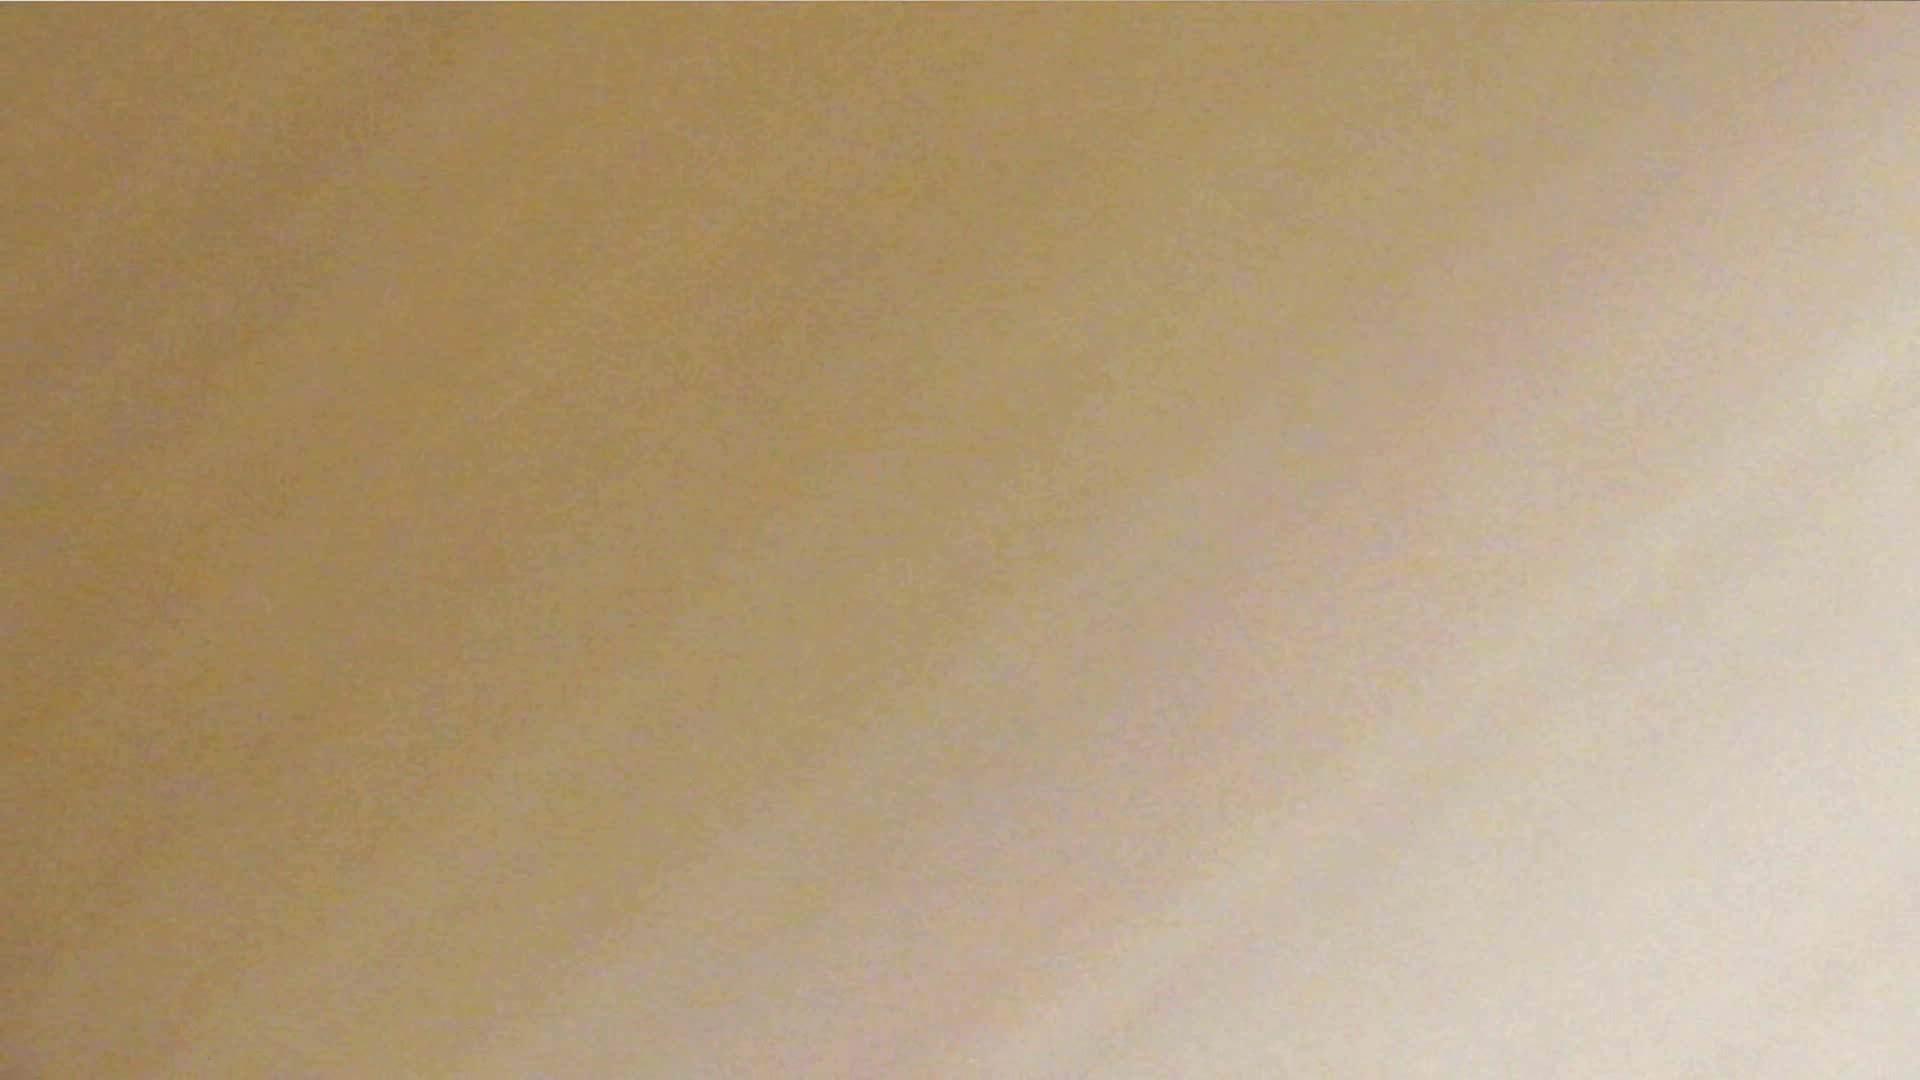 阿国ちゃんの「和式洋式七変化」No.10 洗面所  53PIX 27